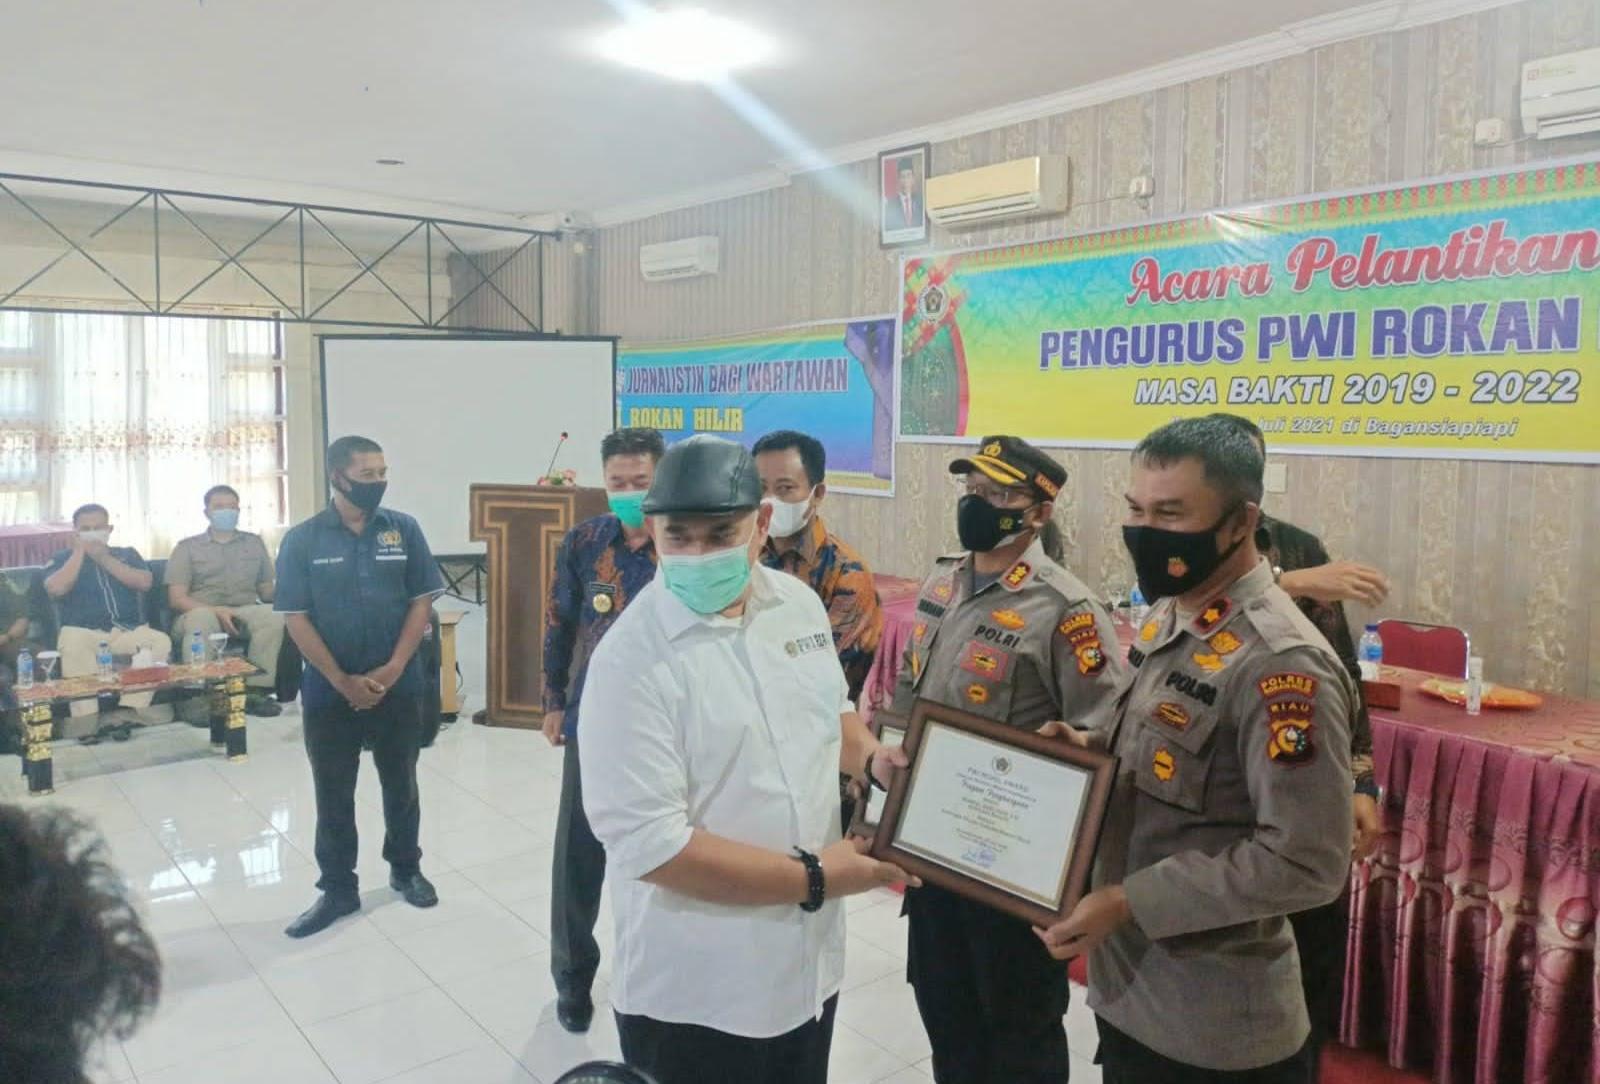 Kapolsek Bangko Terima Penghargaan Dari PWI Sebagai Kapolsek Humanis Namun Tegas